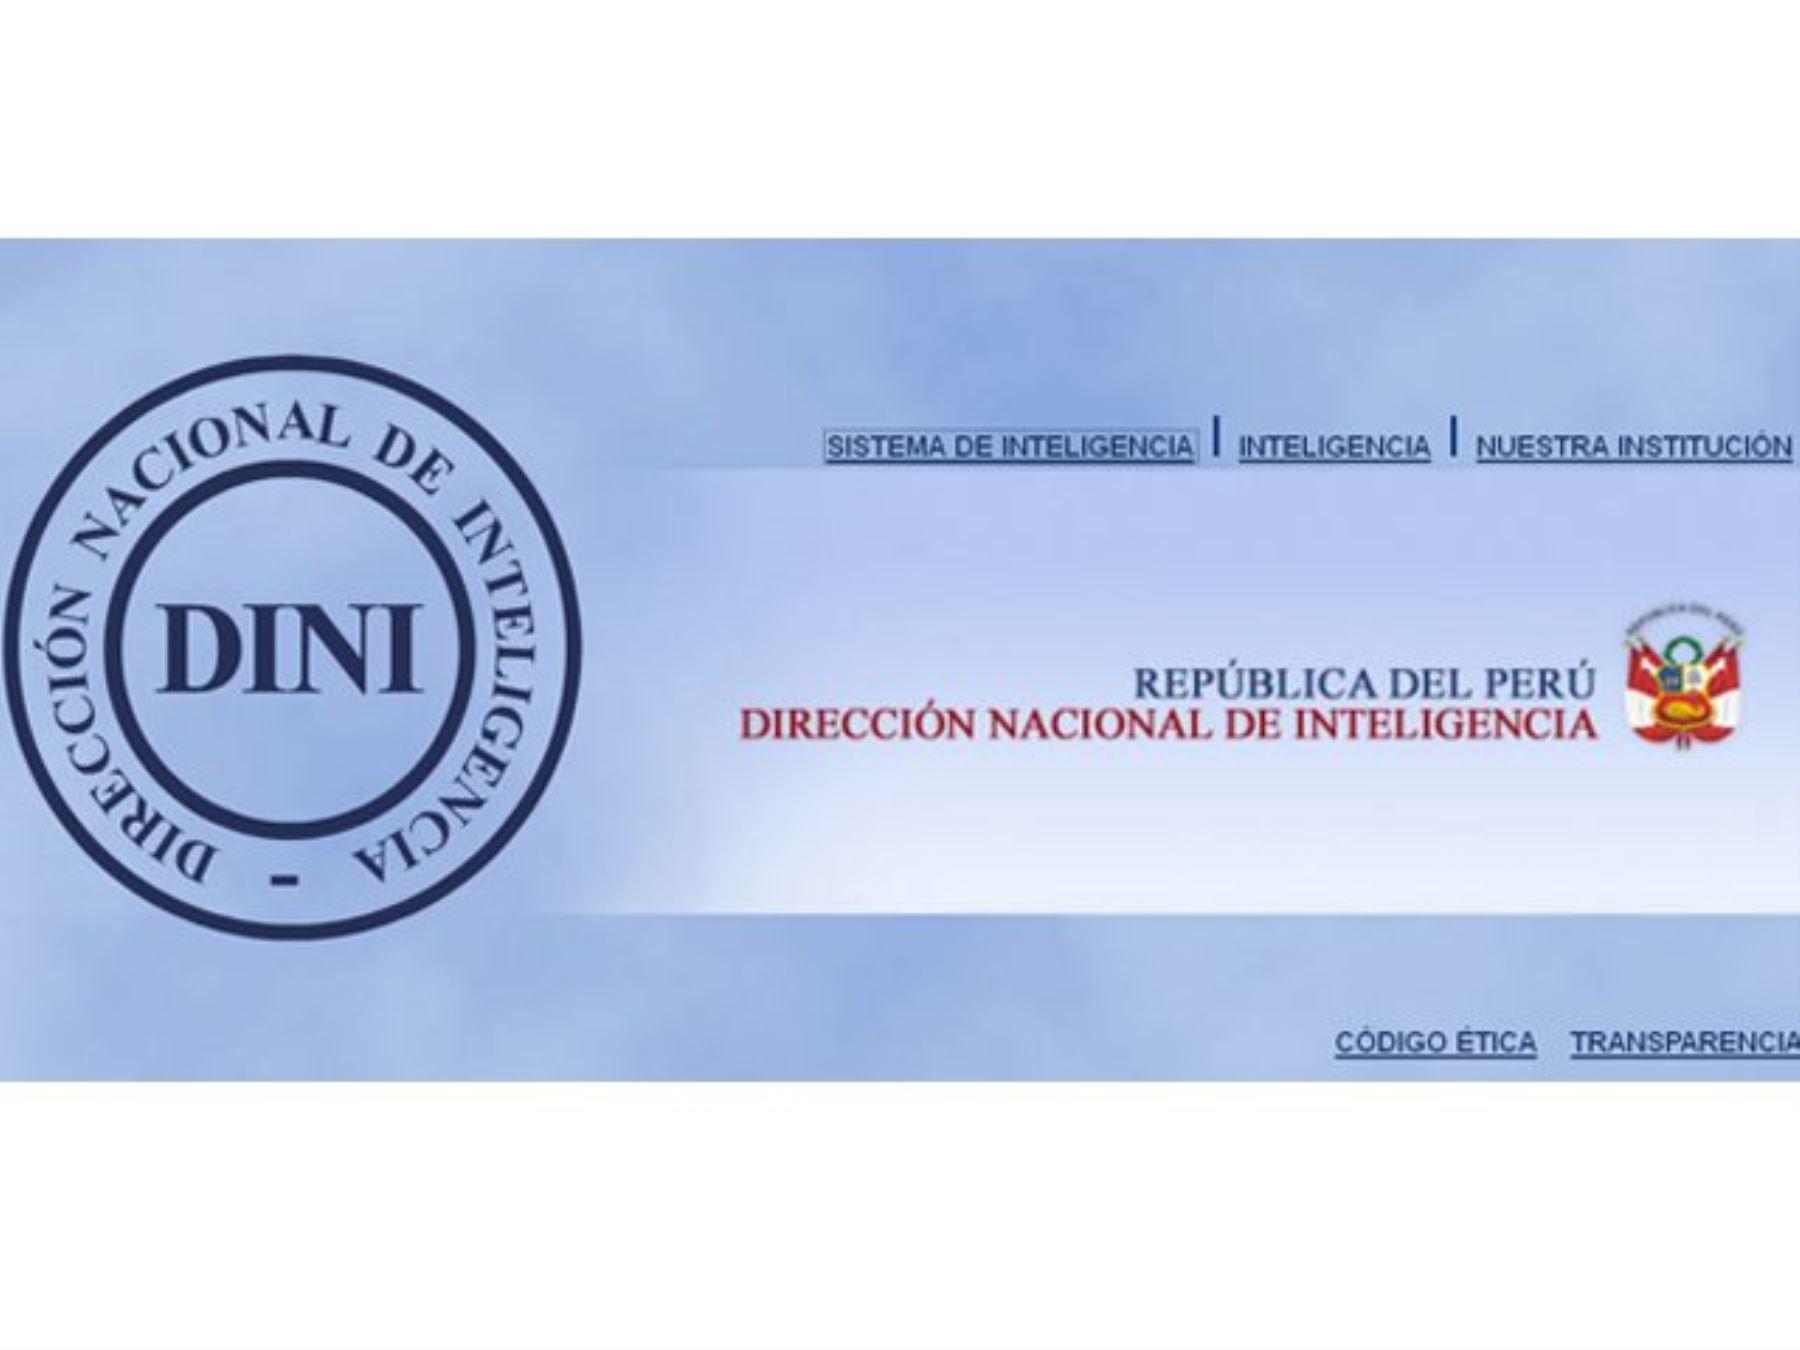 Dirección Nacional de Inteligencia (DINI).